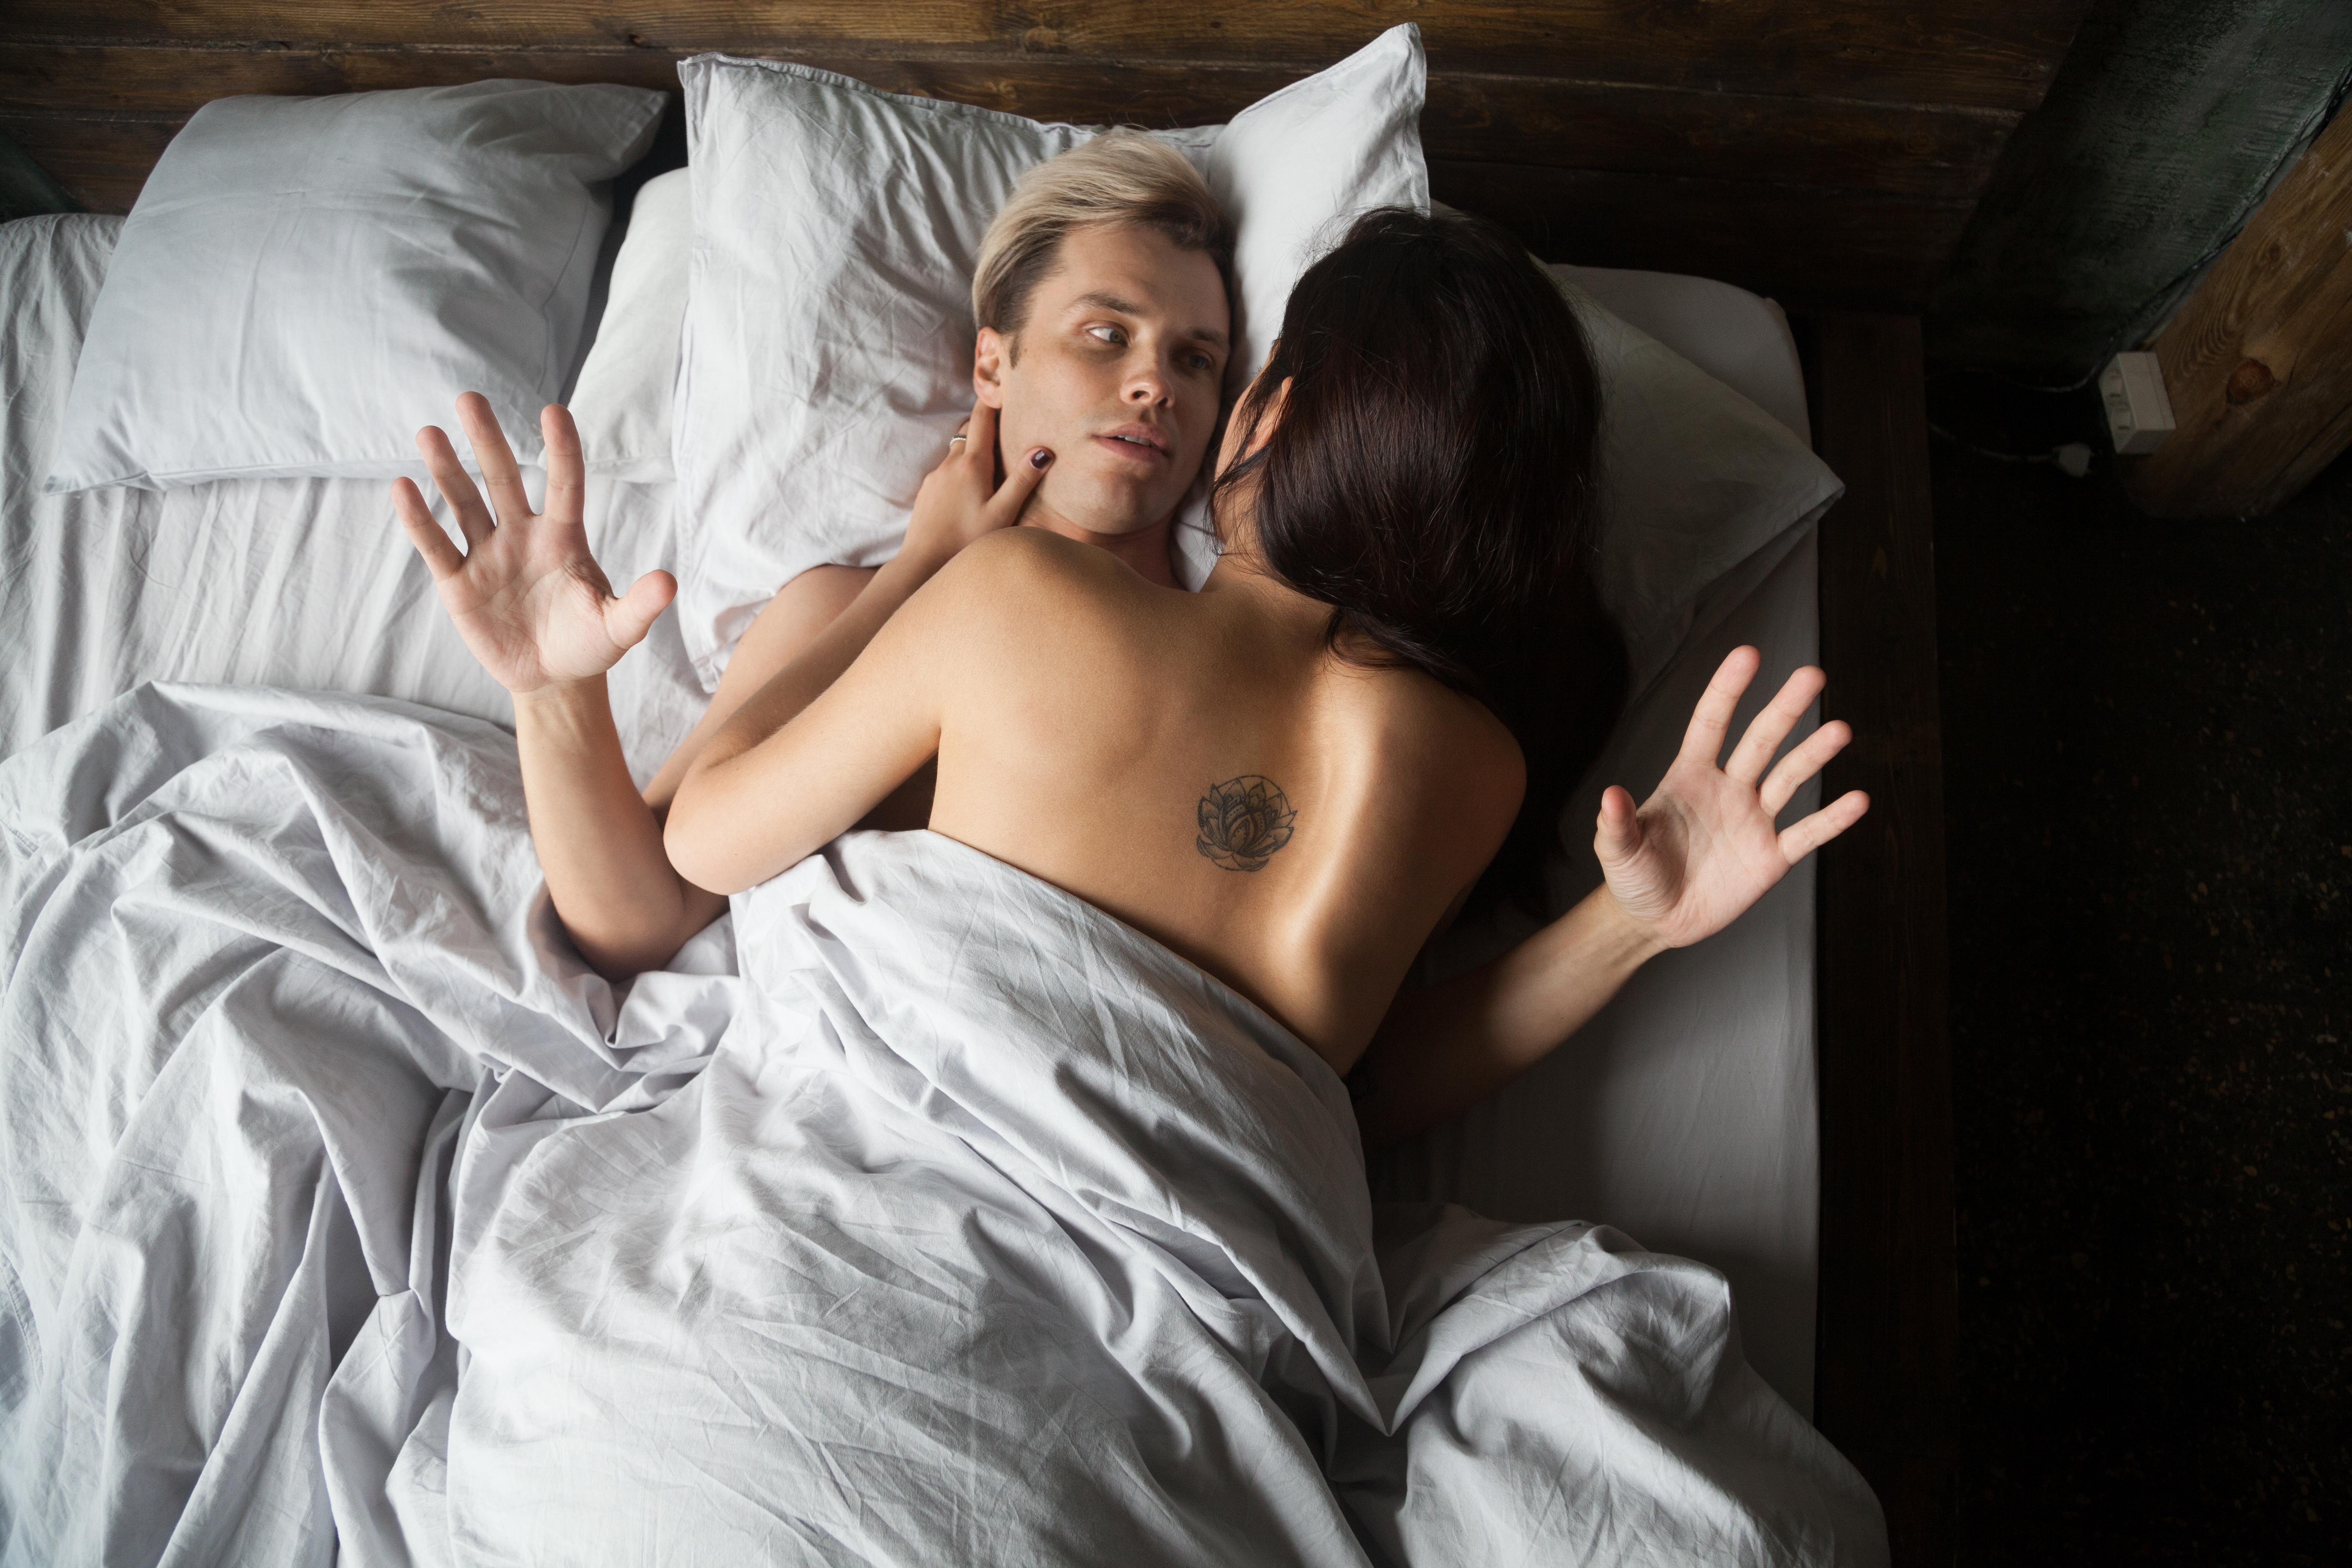 jak s ní mít anální sex velká kočička rty galerie